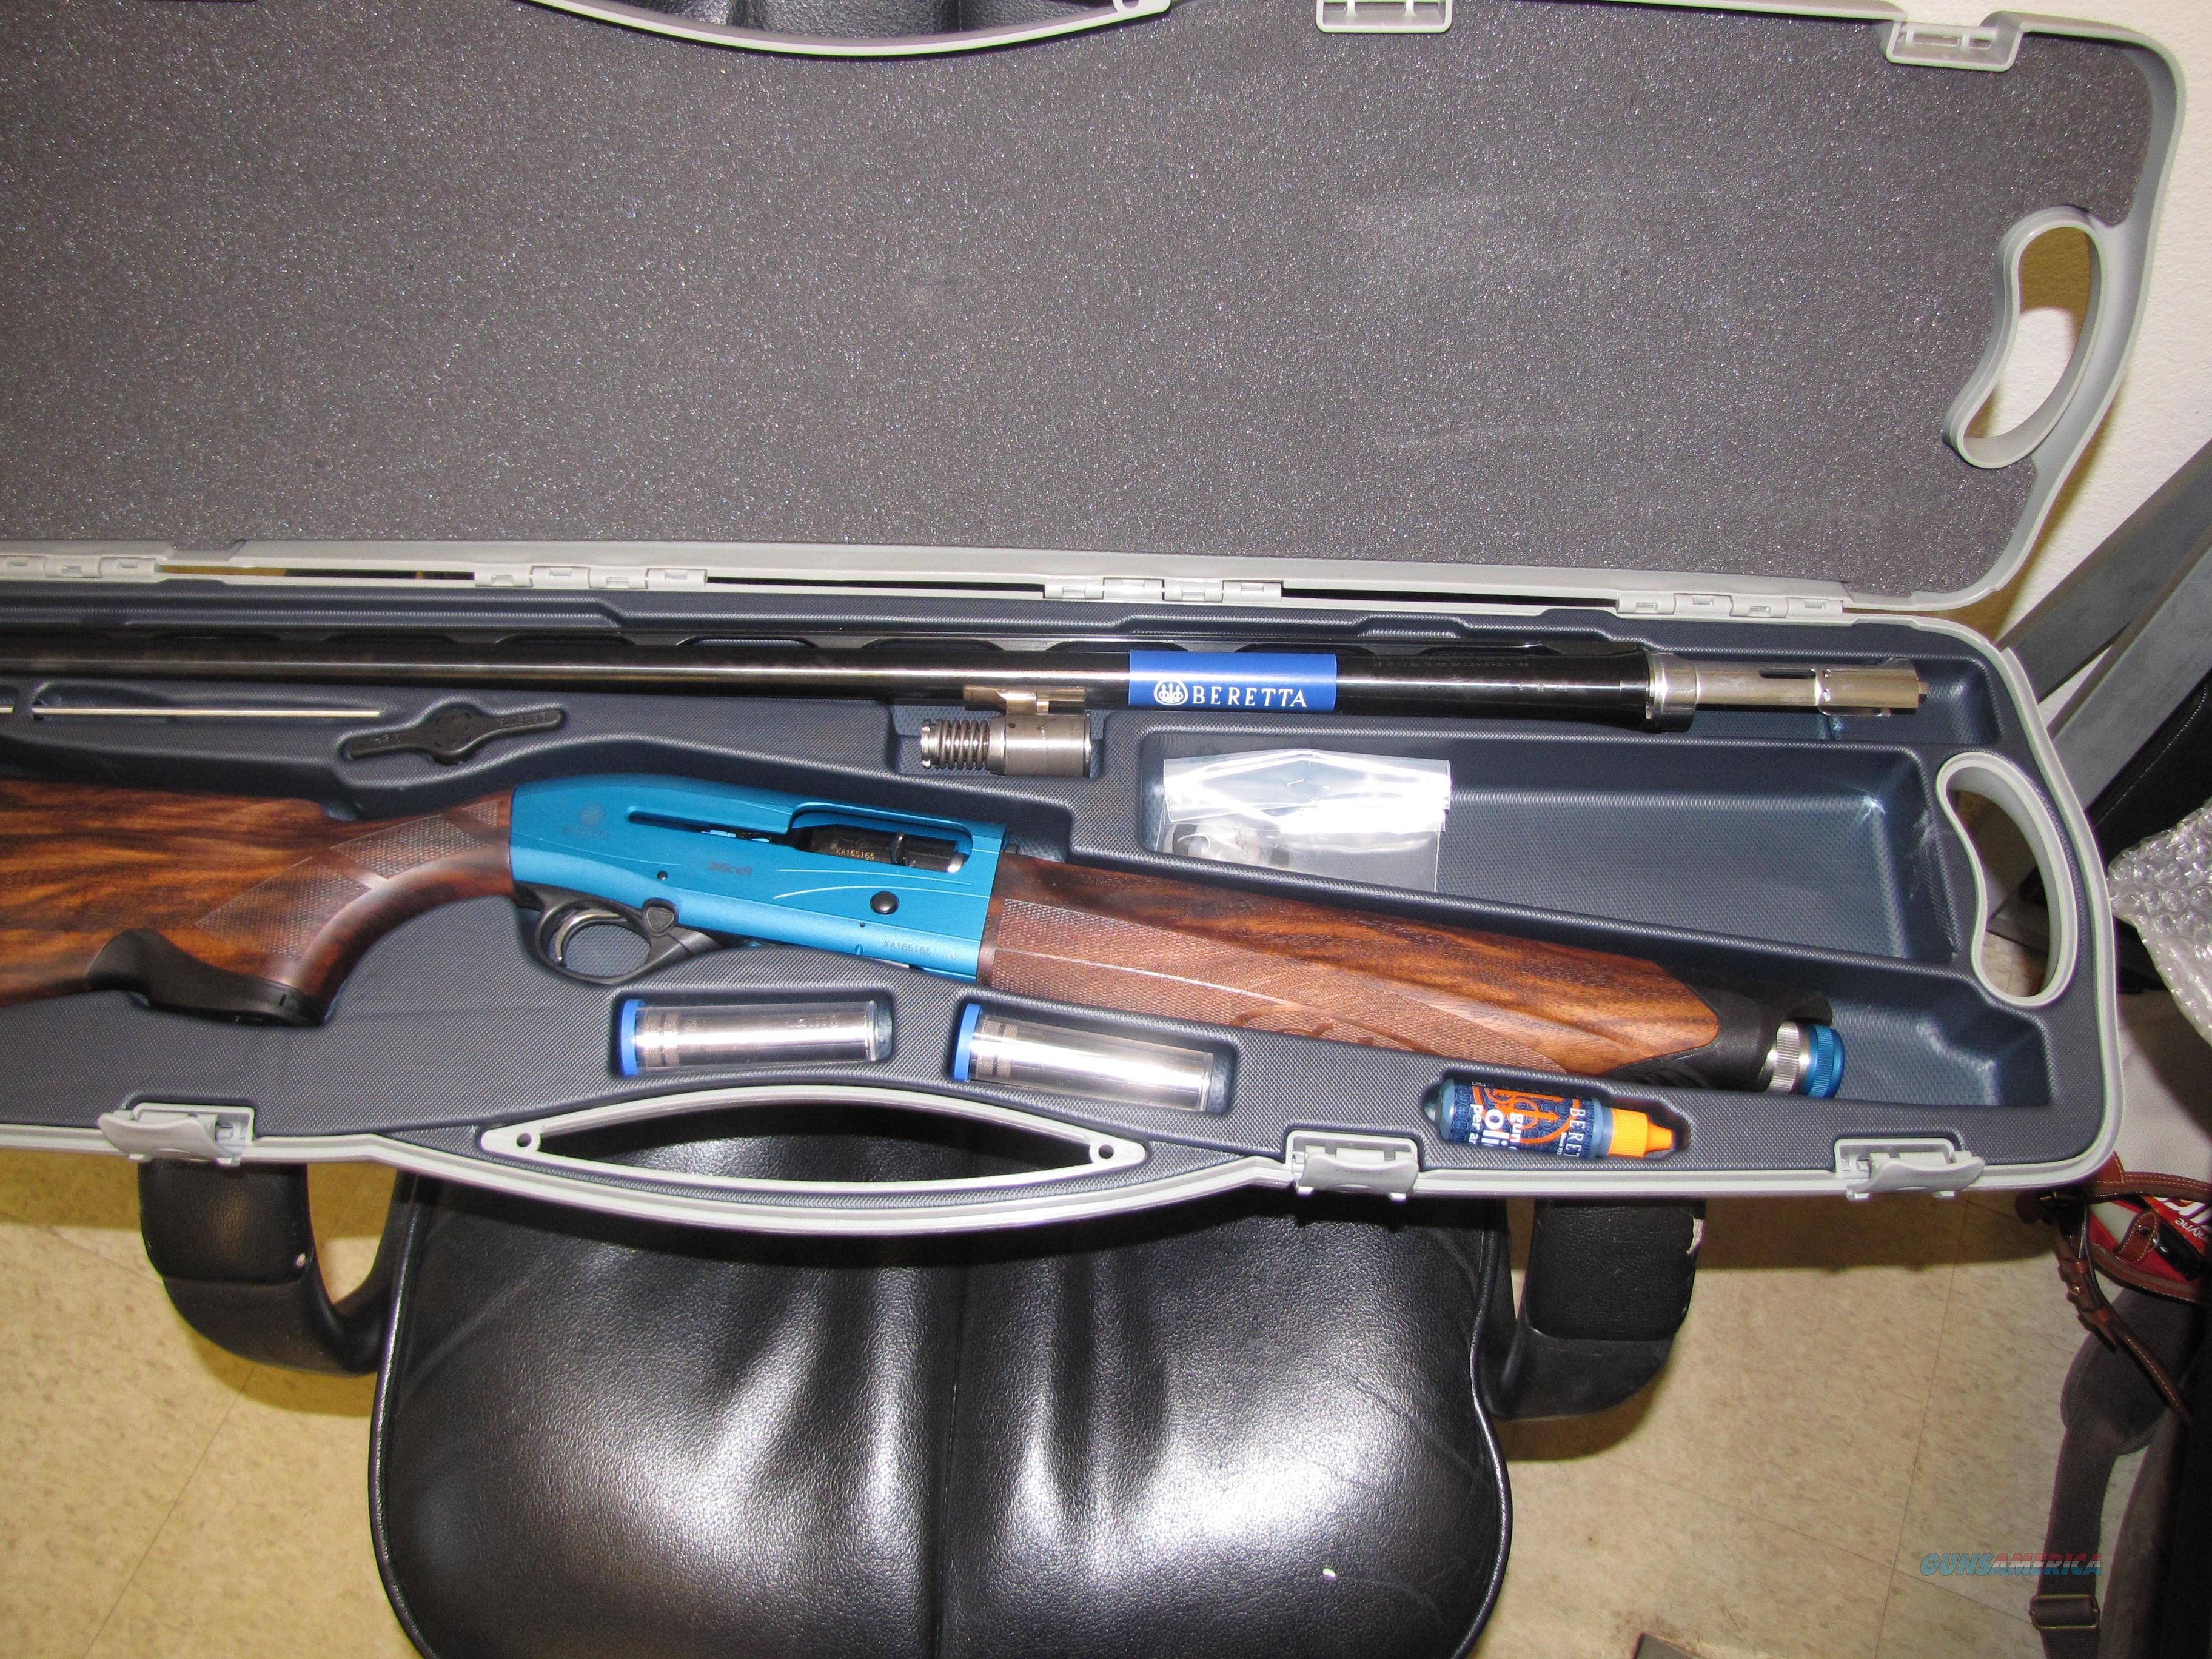 Beretta A400 Xcel 12 Gauge   Guns > Shotguns > Beretta Shotguns > Autoloaders > Trap/Skeet